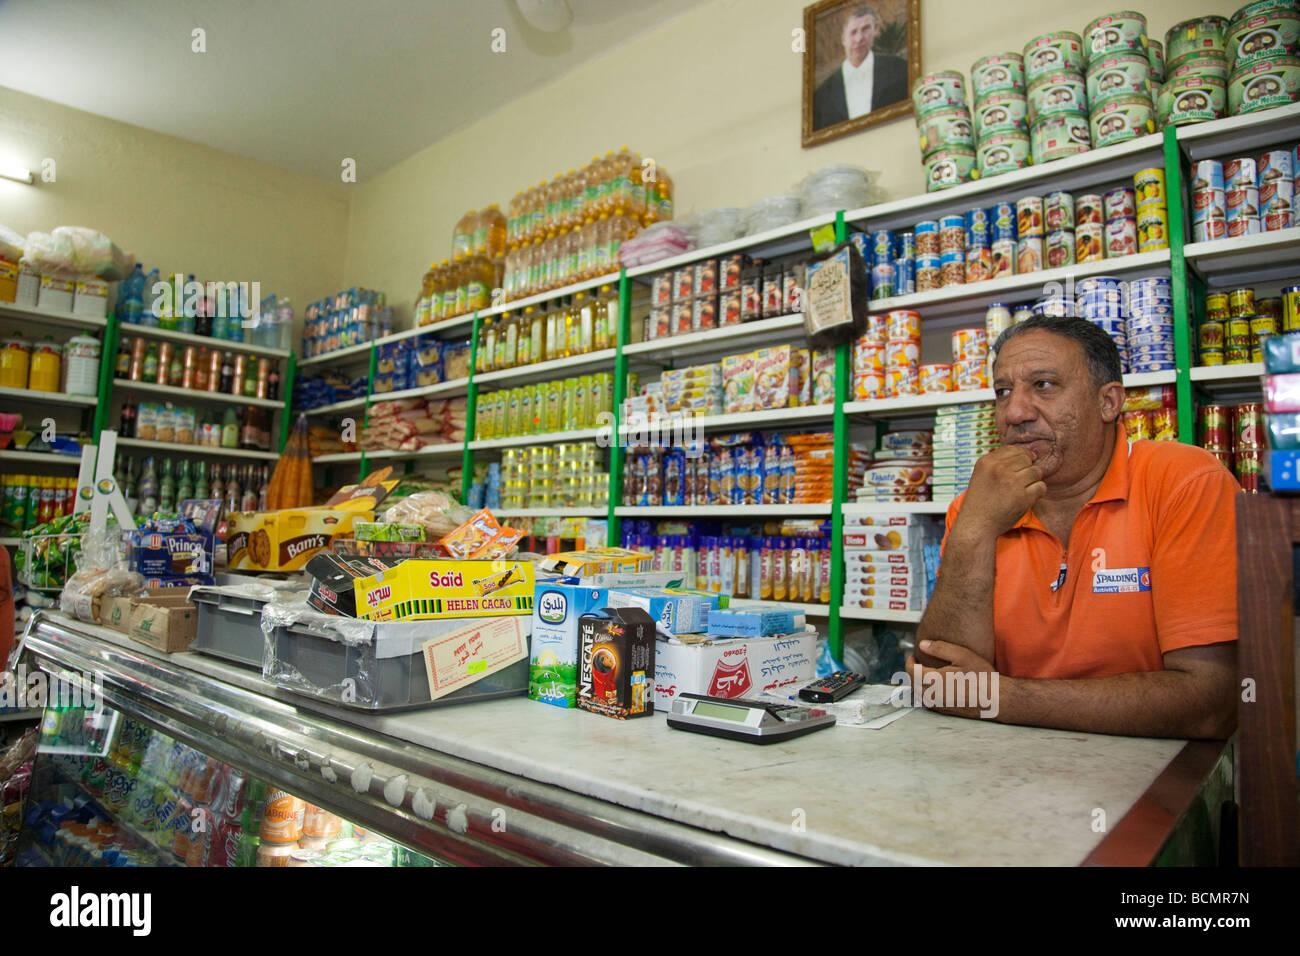 Mann in einem Lebensmittelgeschäft in Tozeur, Tunesien Stockbild